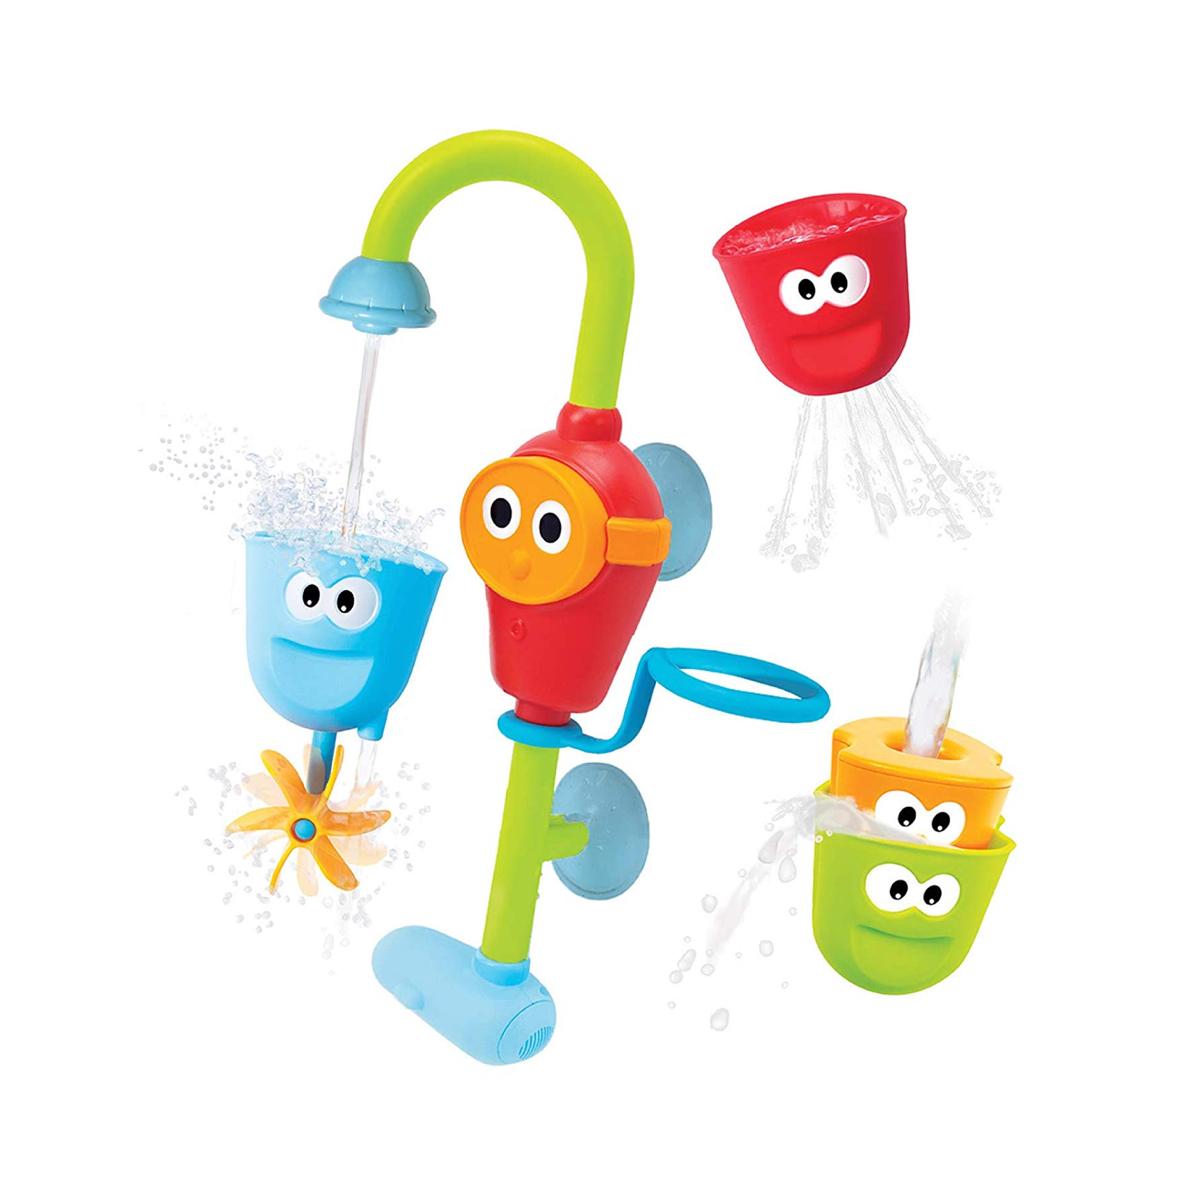 grifo-y-vasitos-divertidos-yookidoo-el-mundo-de-mico